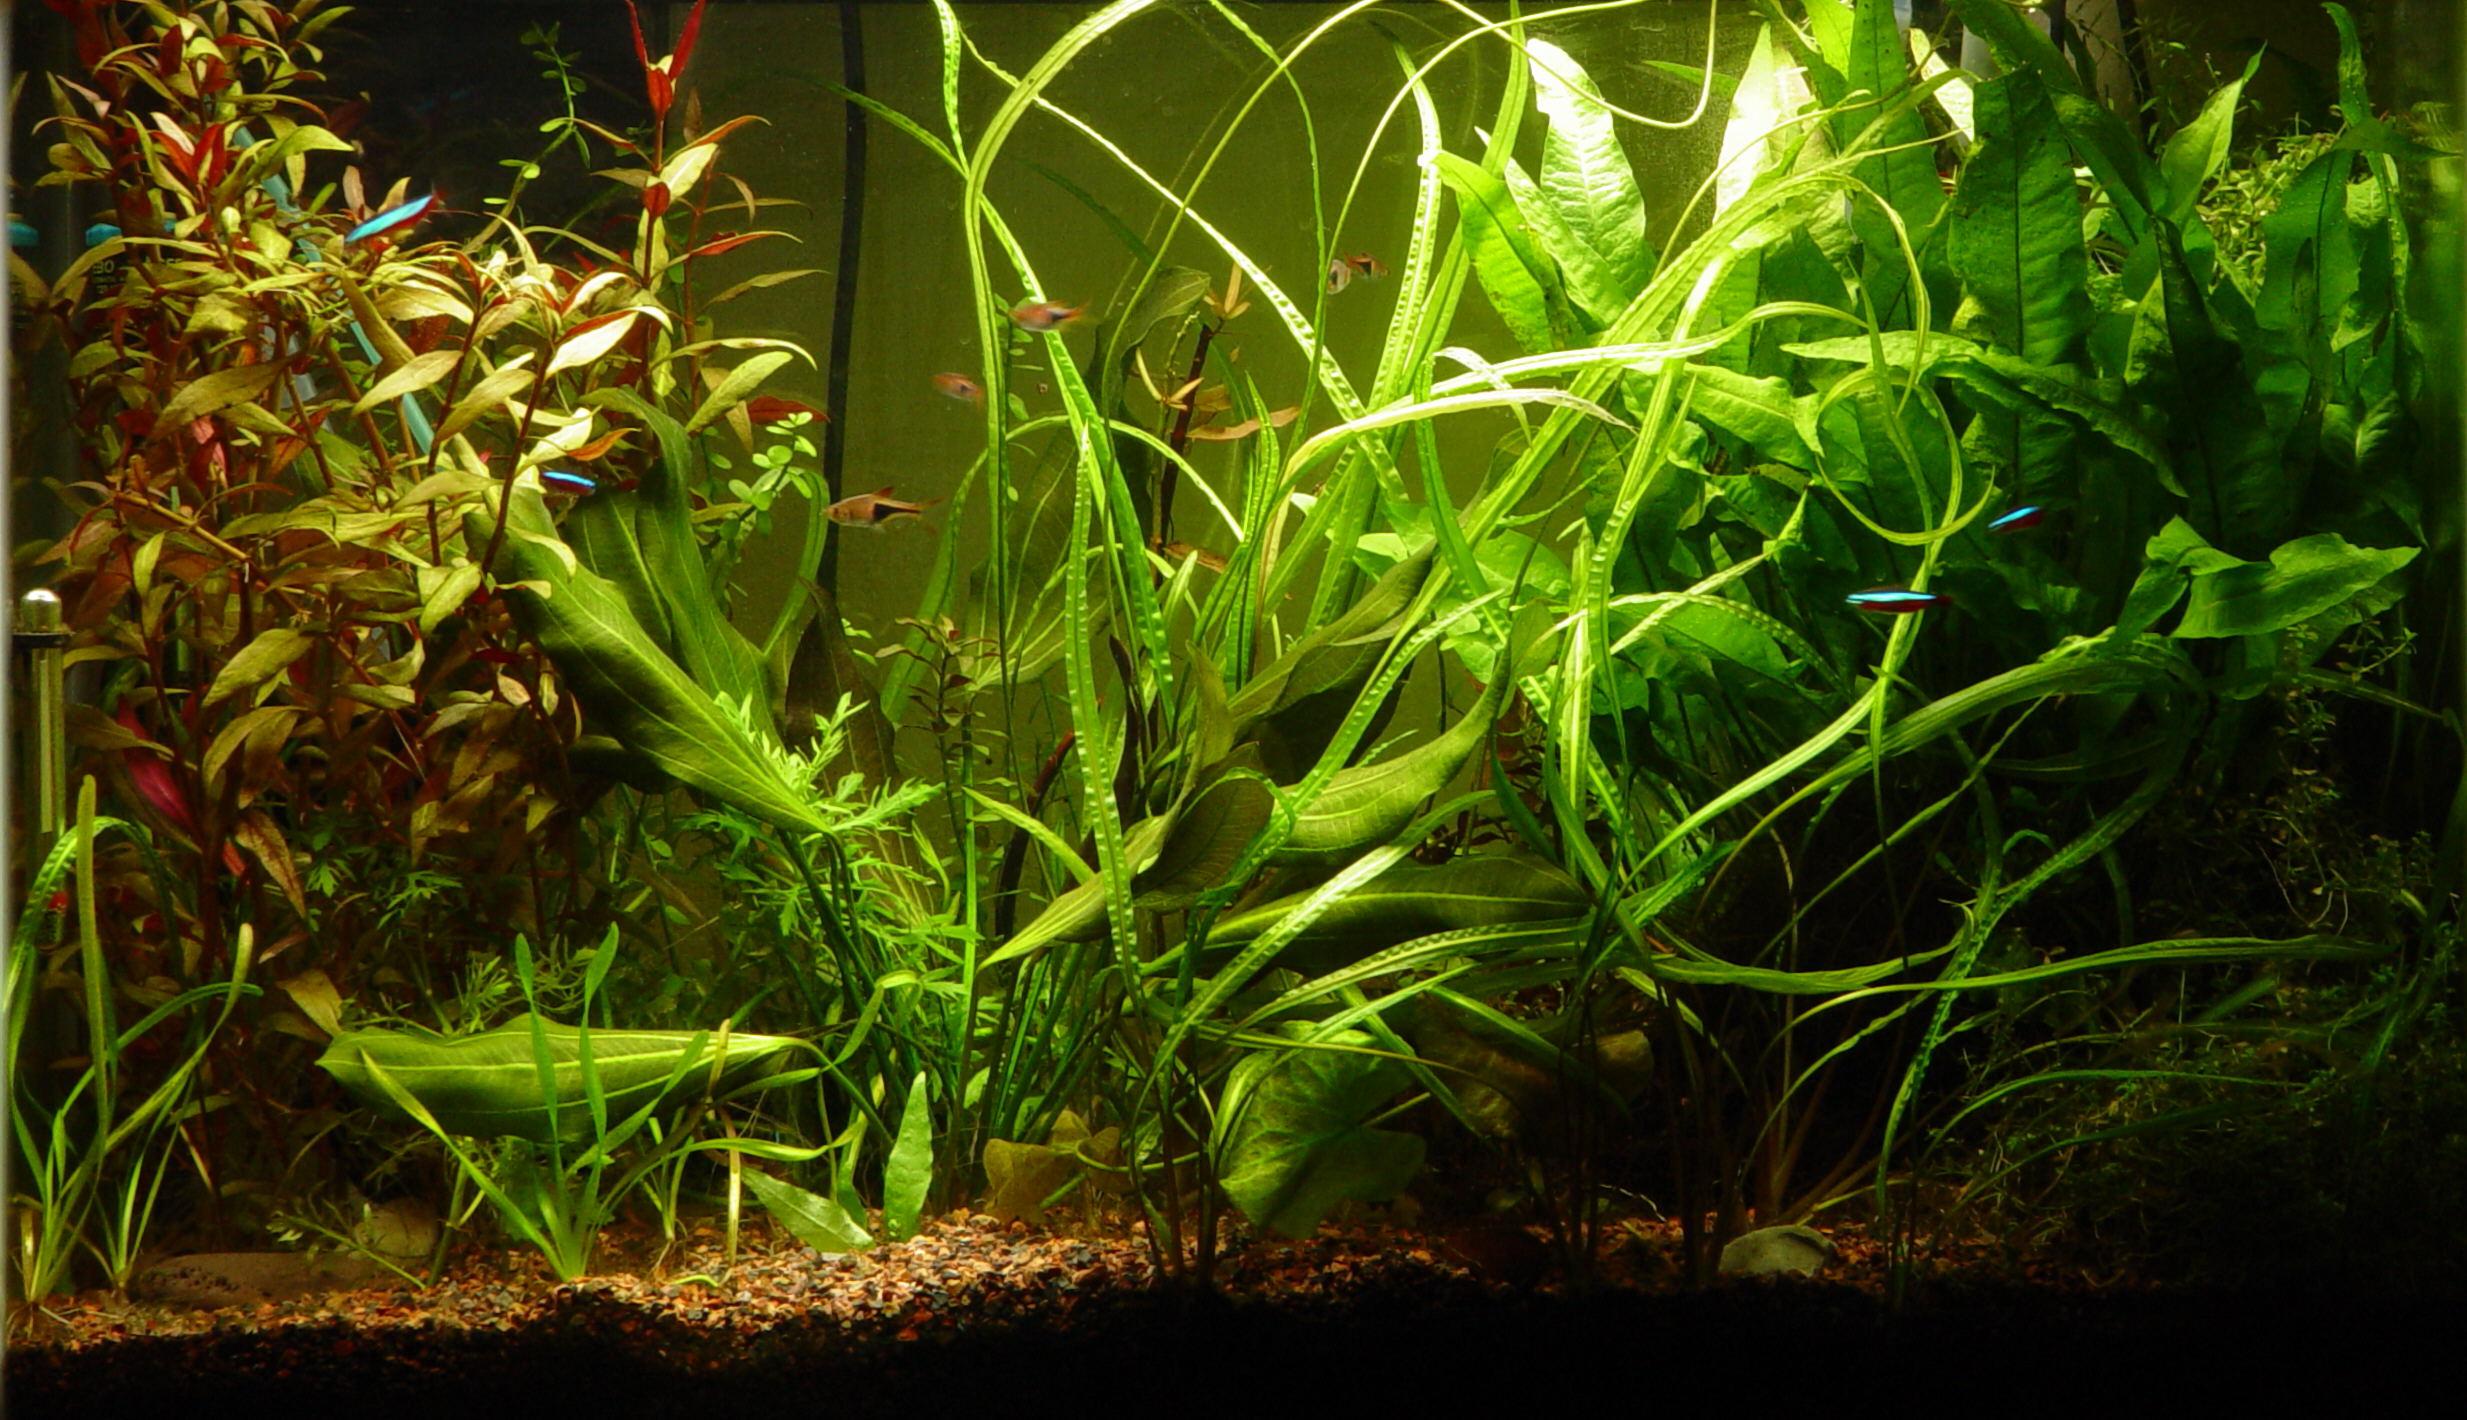 Aquarium Hintergrund Ausdrucken – Zuhause Image Ideas